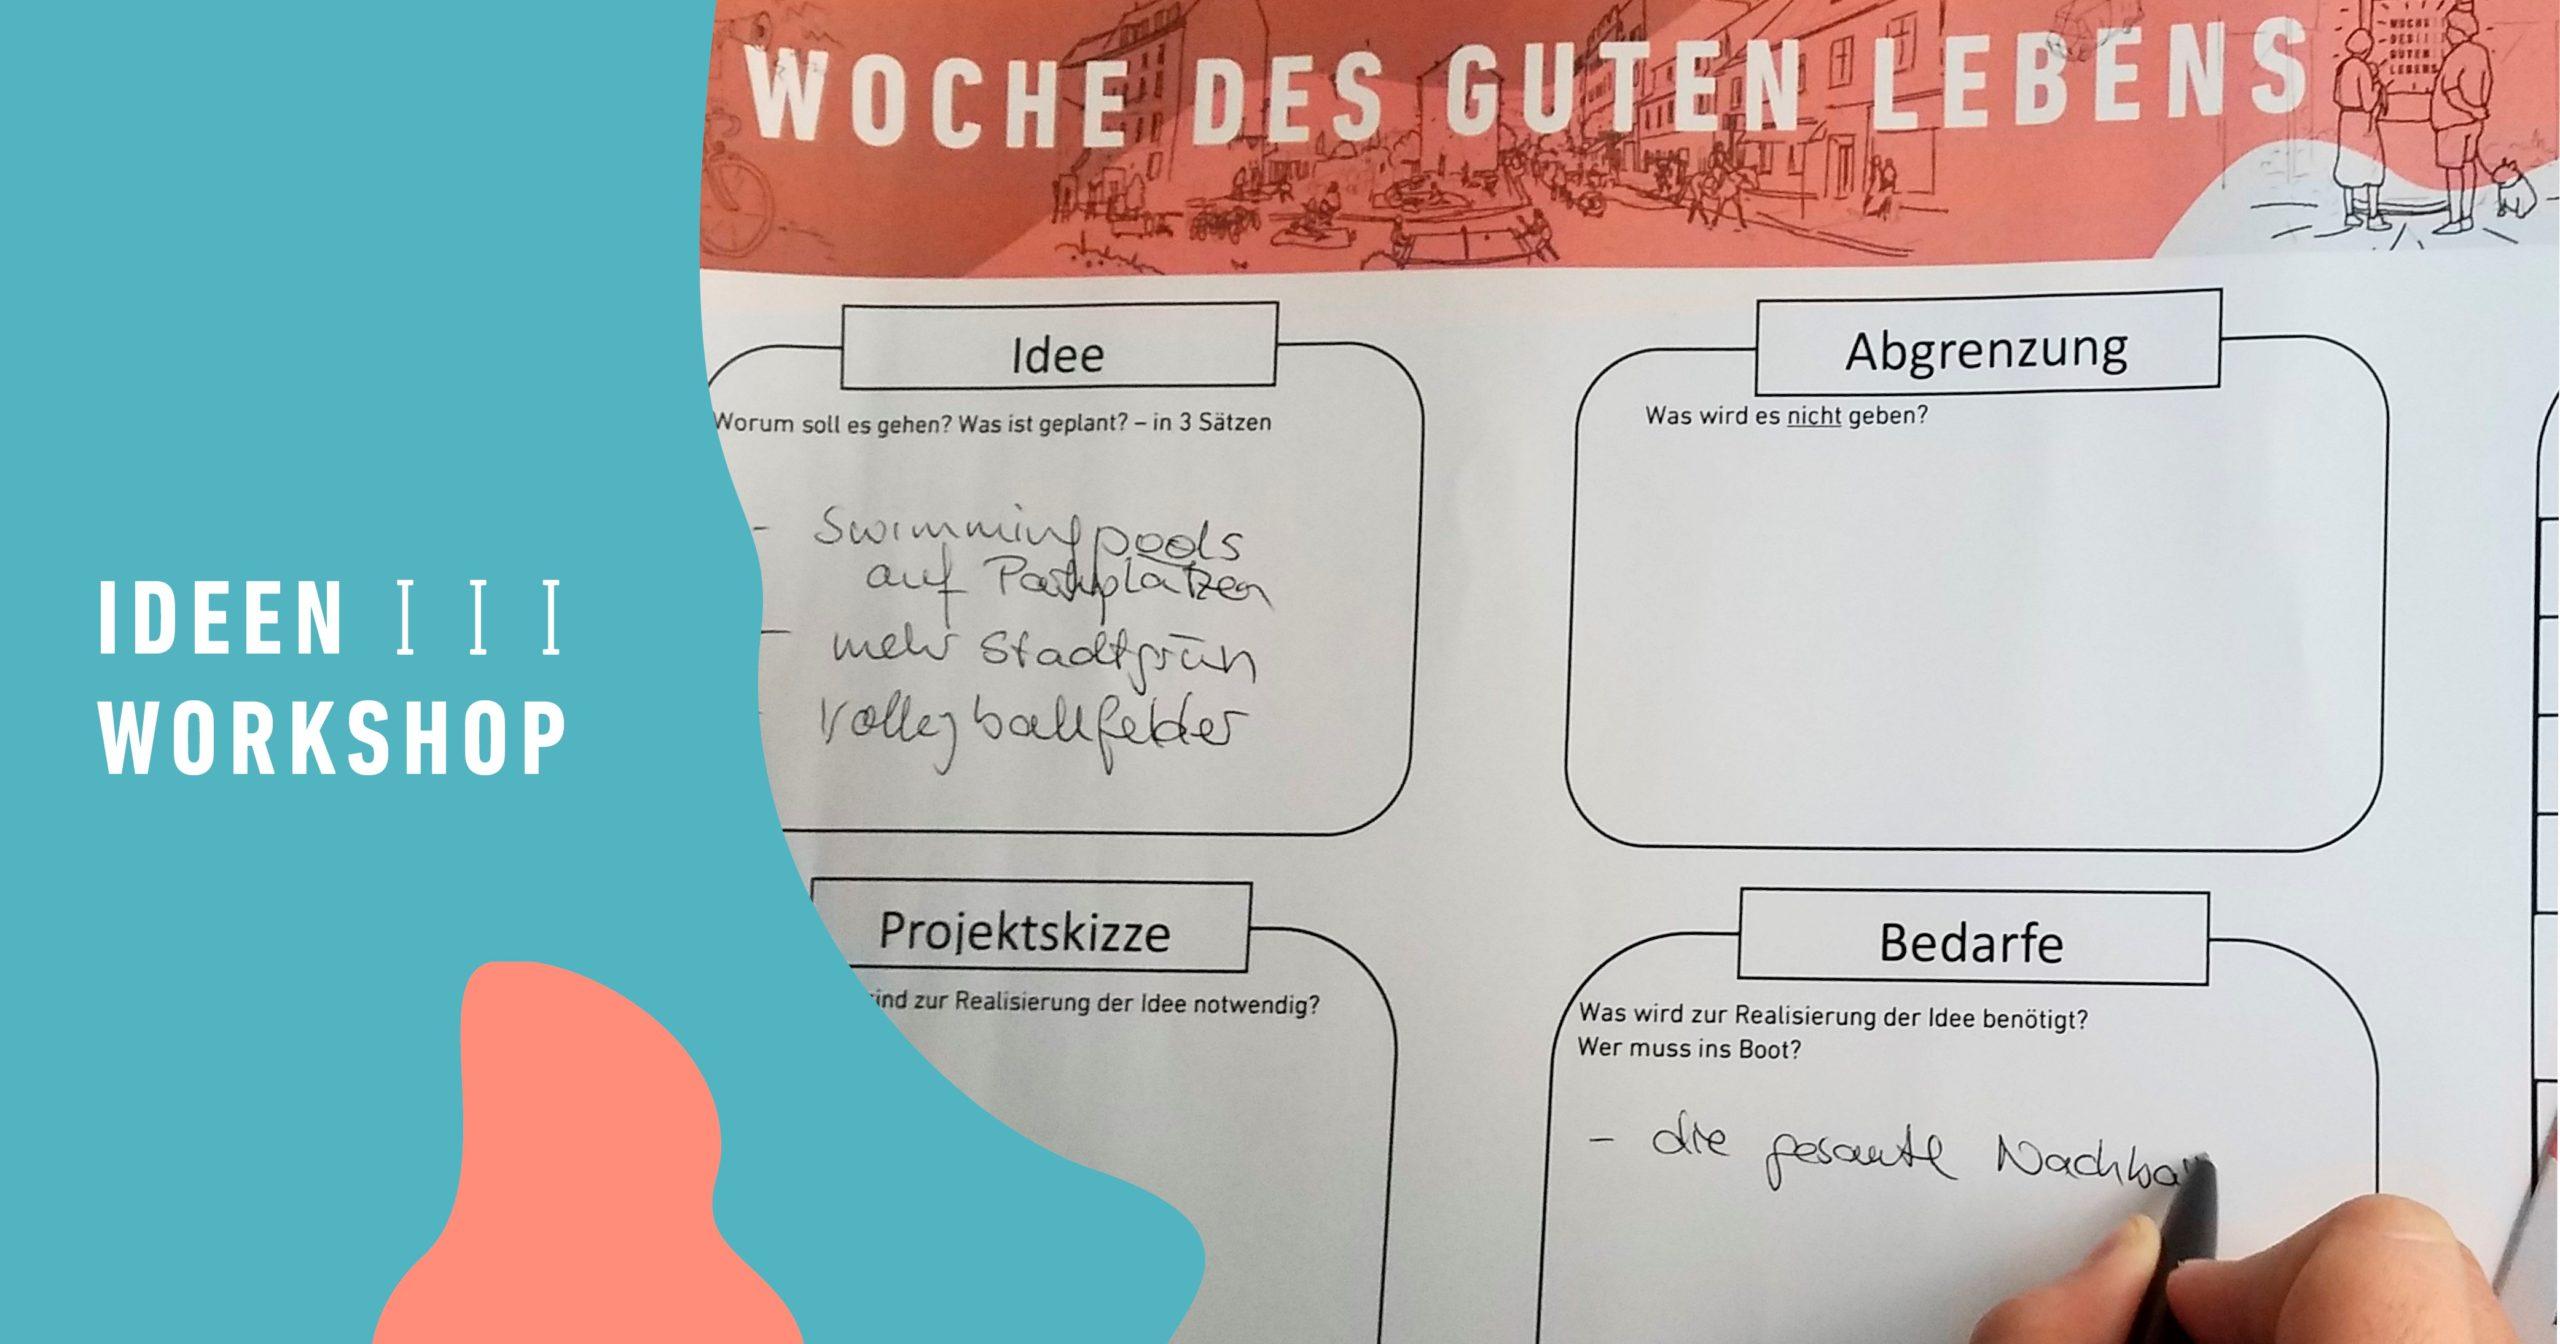 """Ideenworkshop """"Woche des guten Lebens"""""""